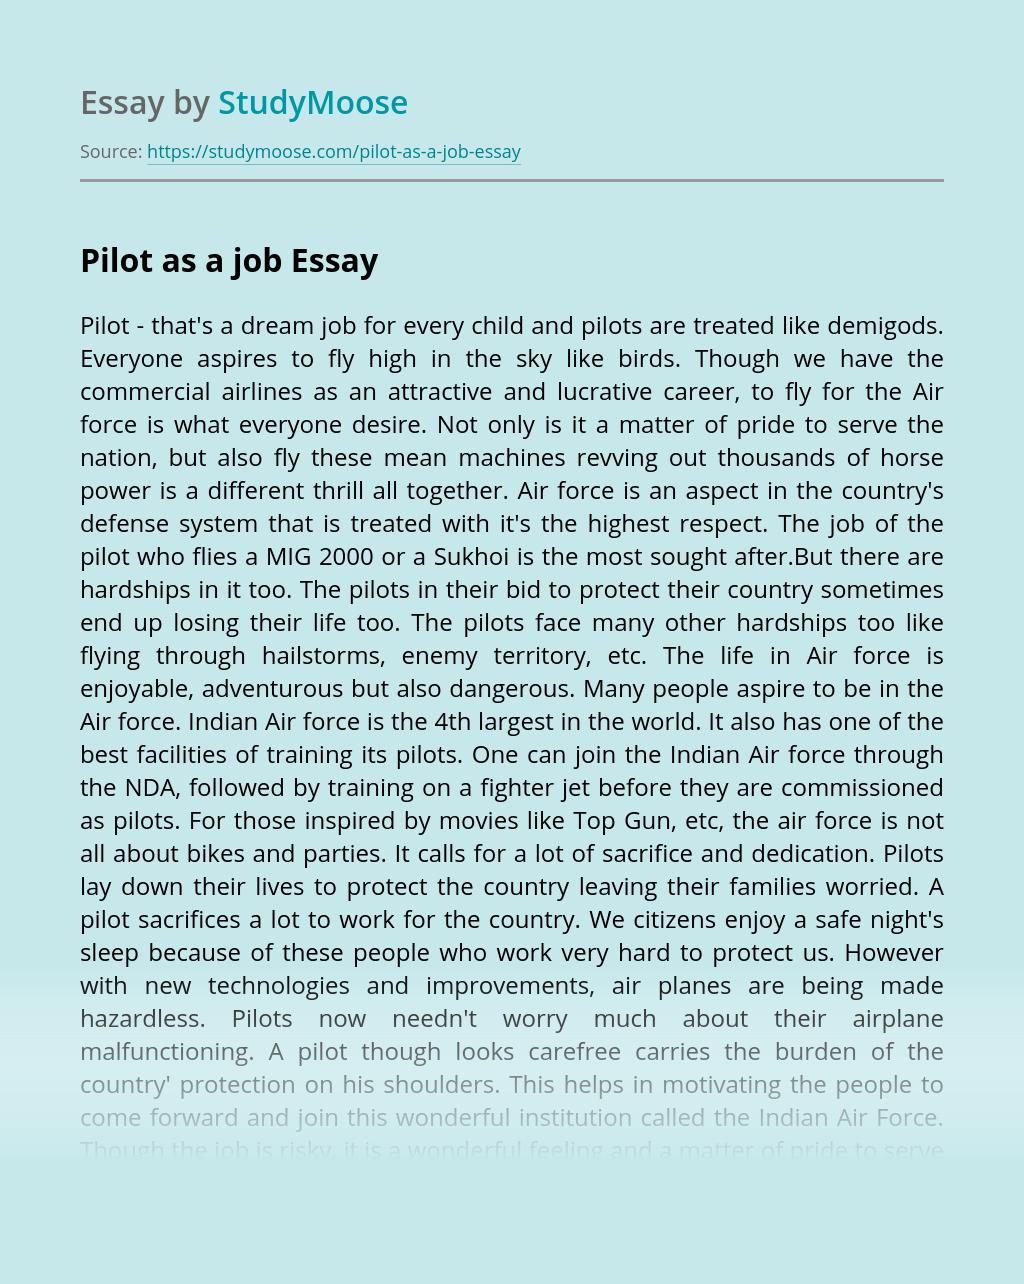 Pilot as a job